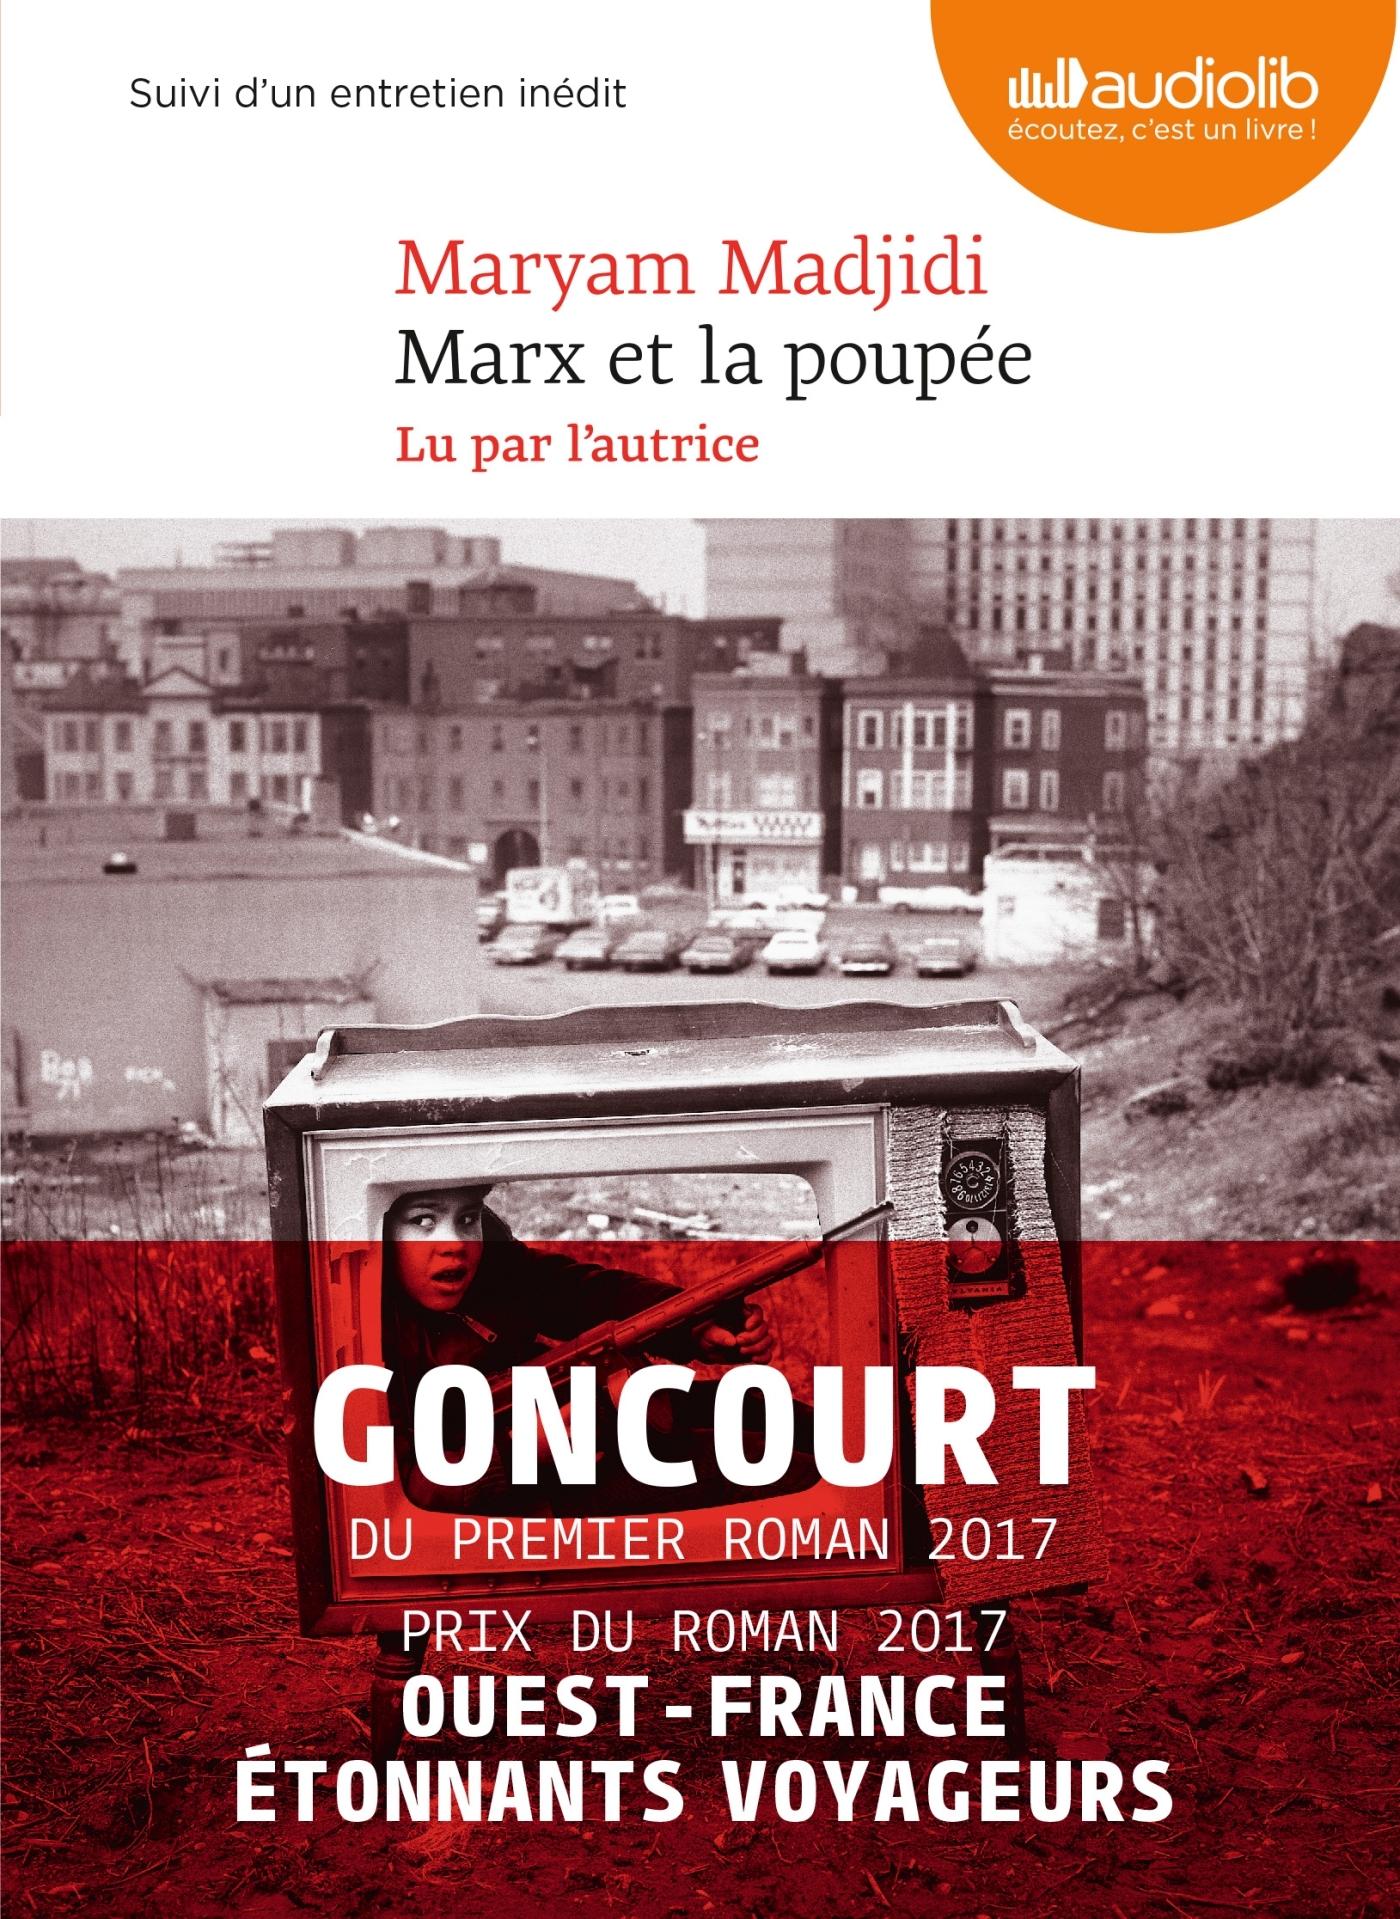 MARX ET LA POUPEE - LIVRE AUDIO 1CD MP3 - SUIVI D'UN ENTRETIEN INEDIT AVEC L'AUTRICE